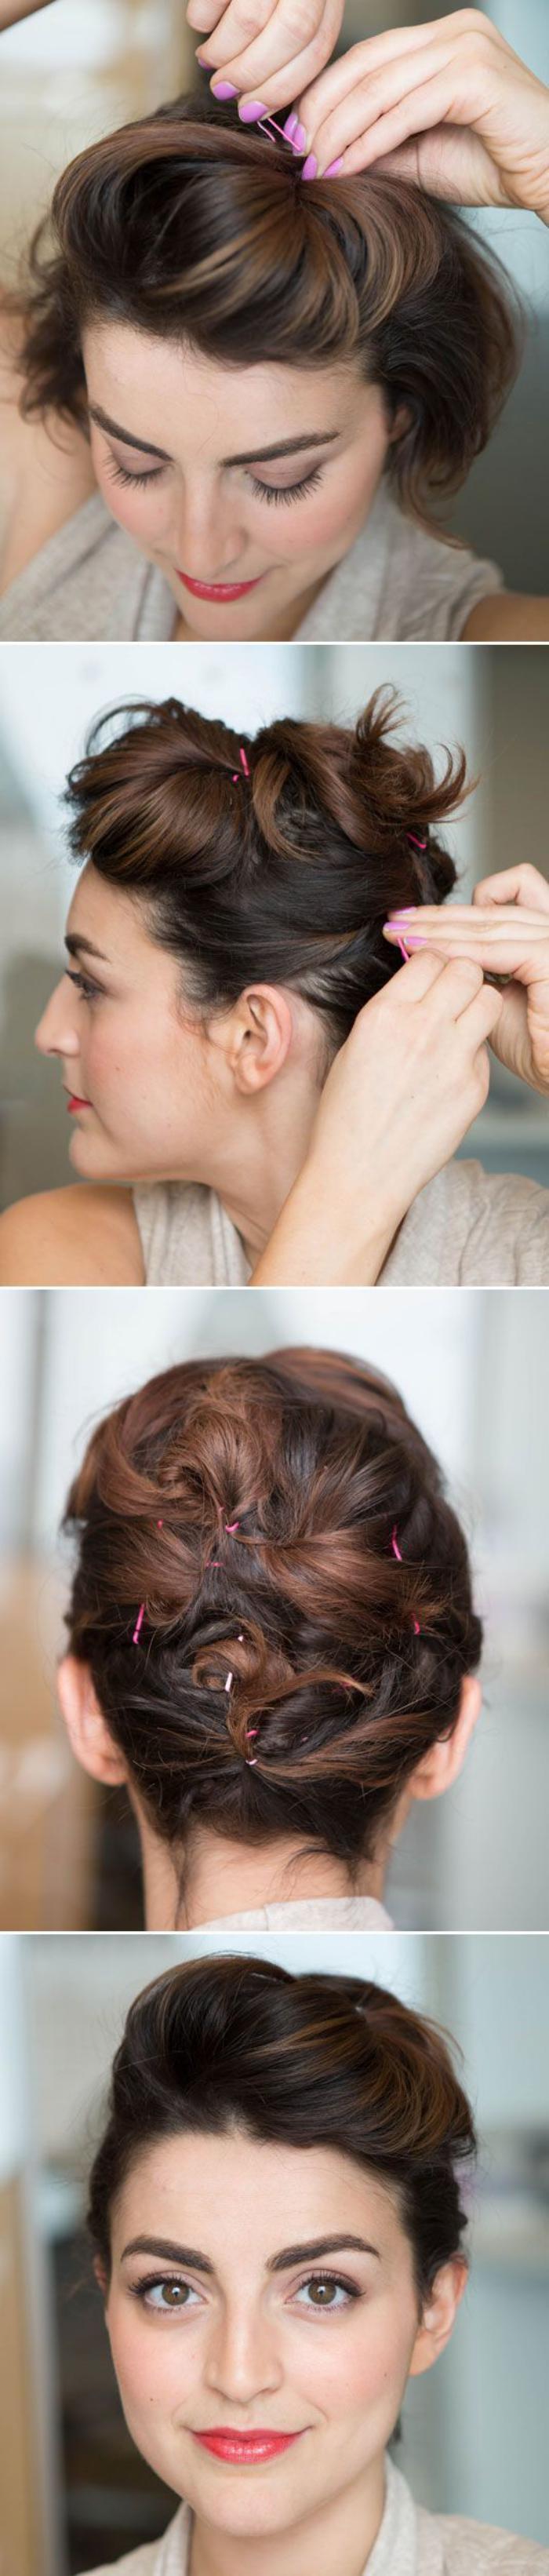 coiffure-originale-coiffure-avec-bobby-pins-roses